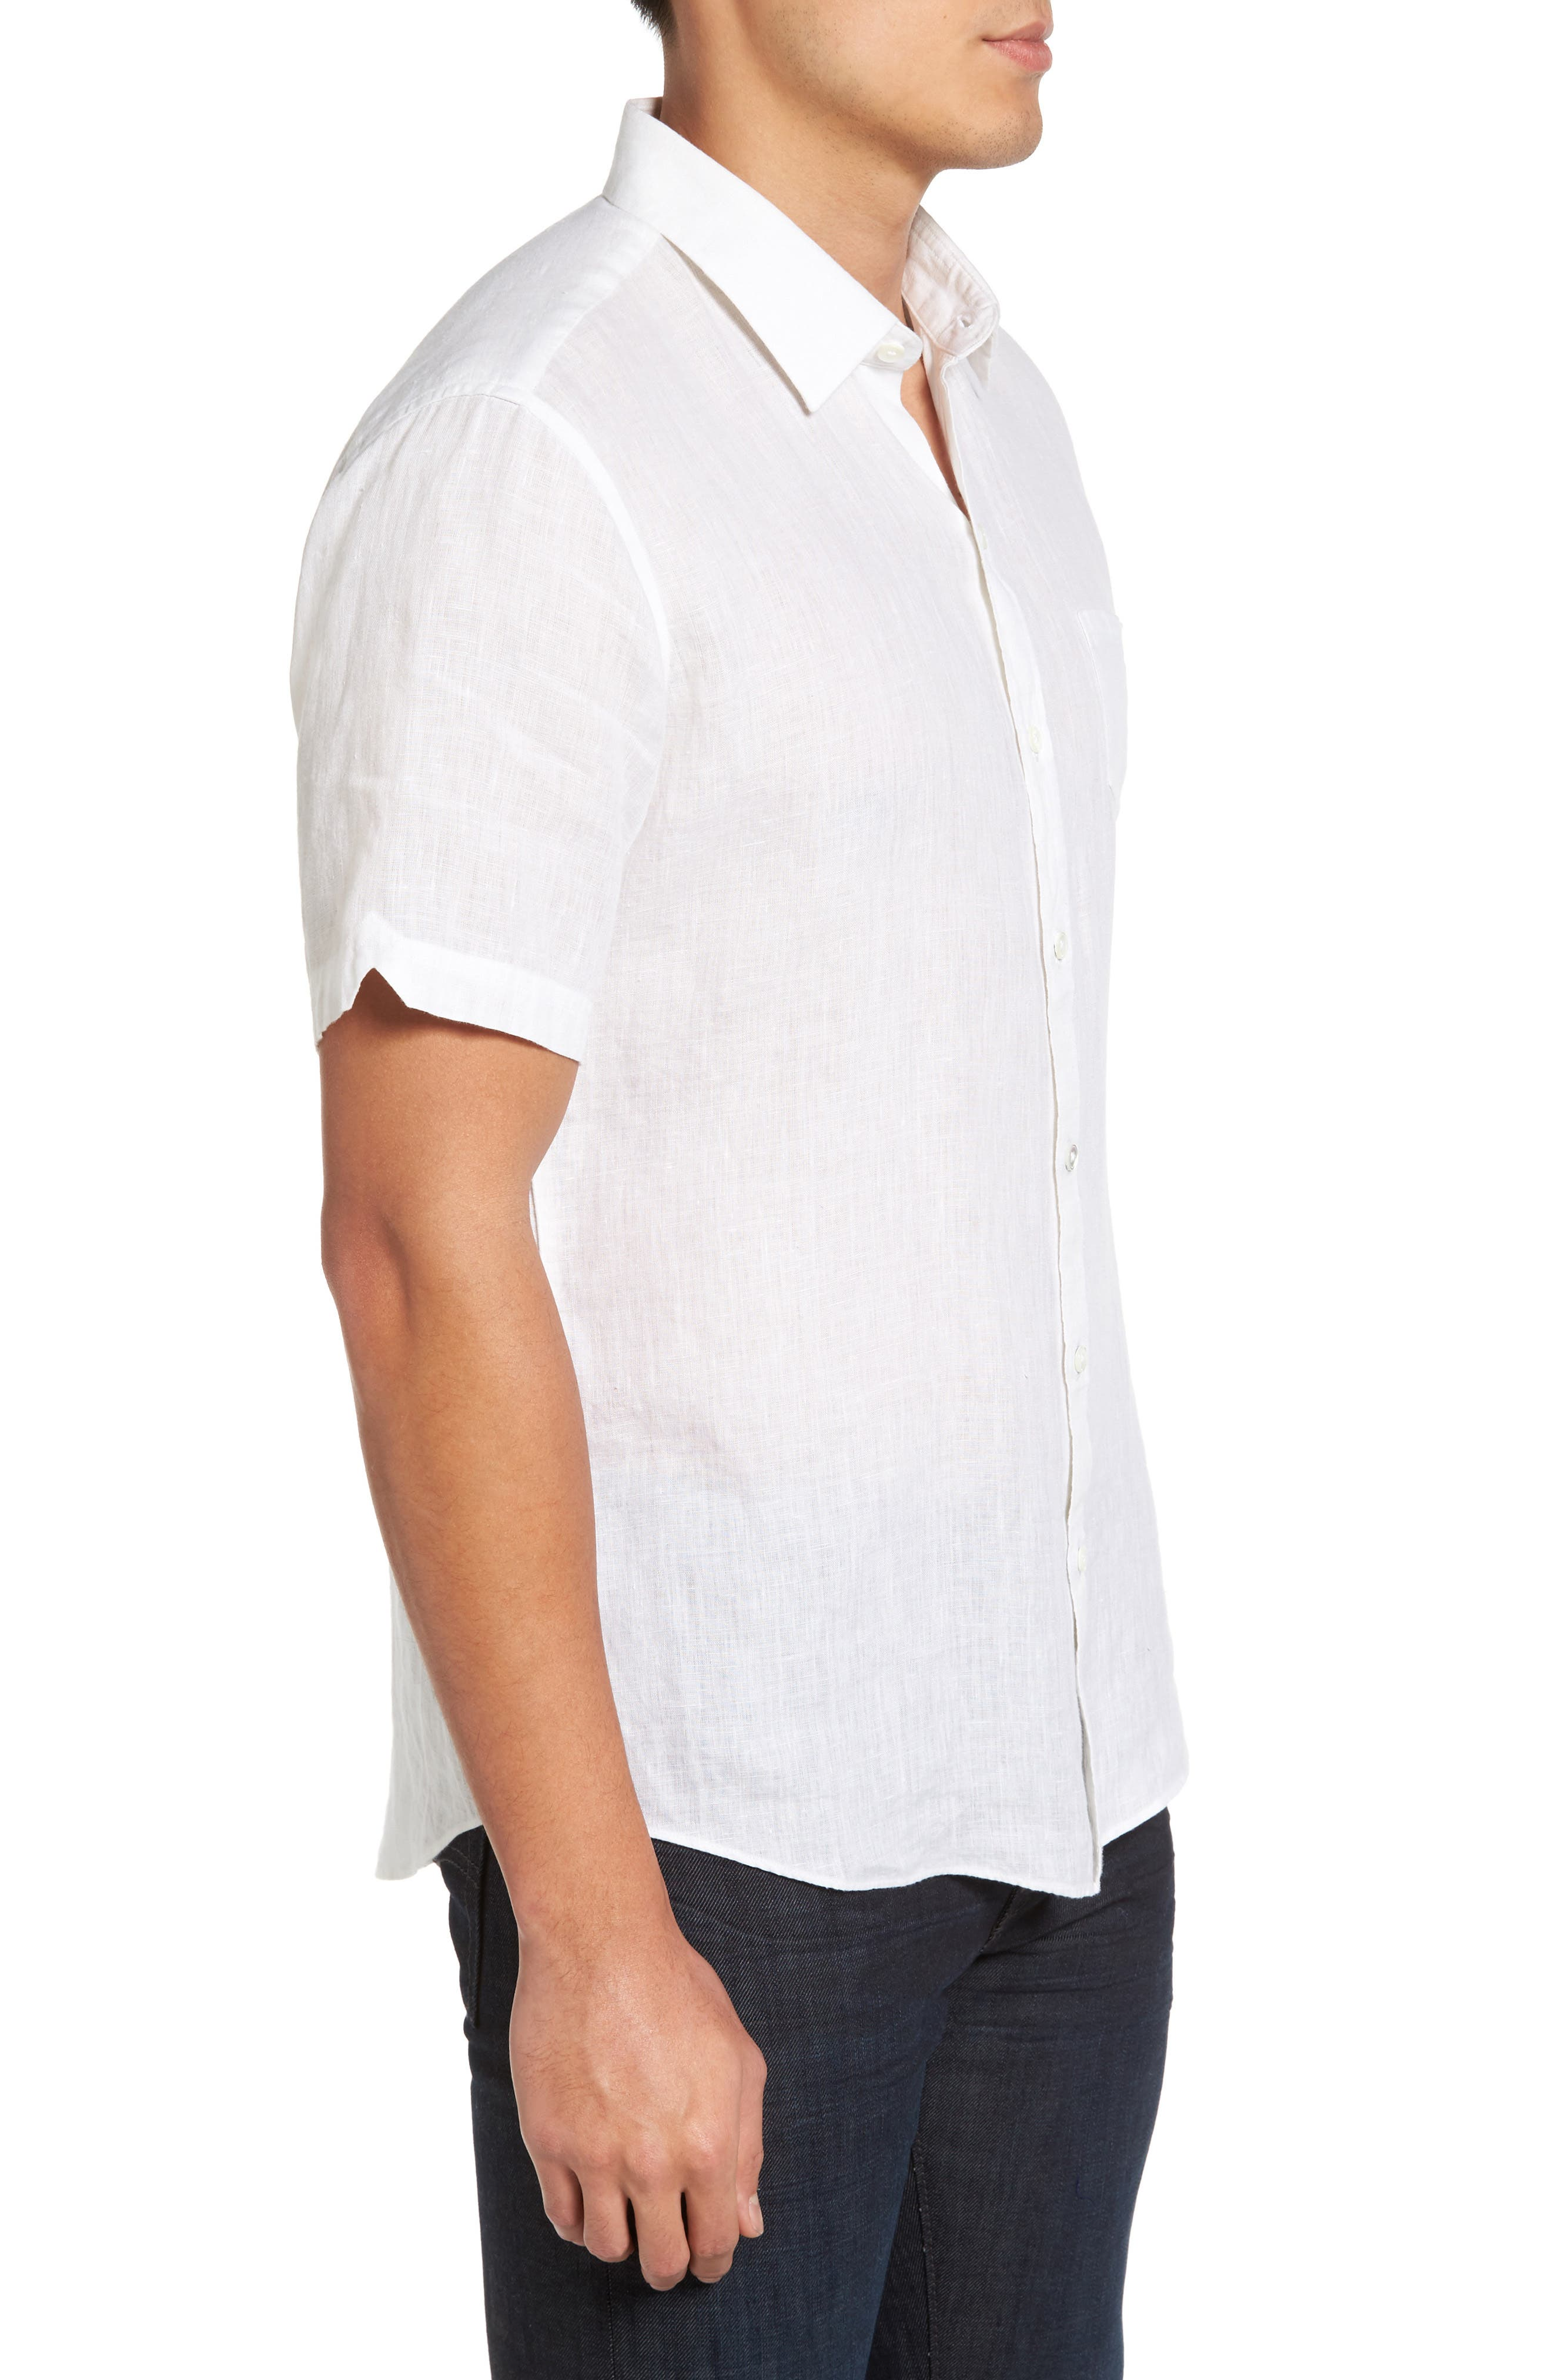 Kaplan Slim Fit Linen Sport Shirt,                             Alternate thumbnail 4, color,                             White